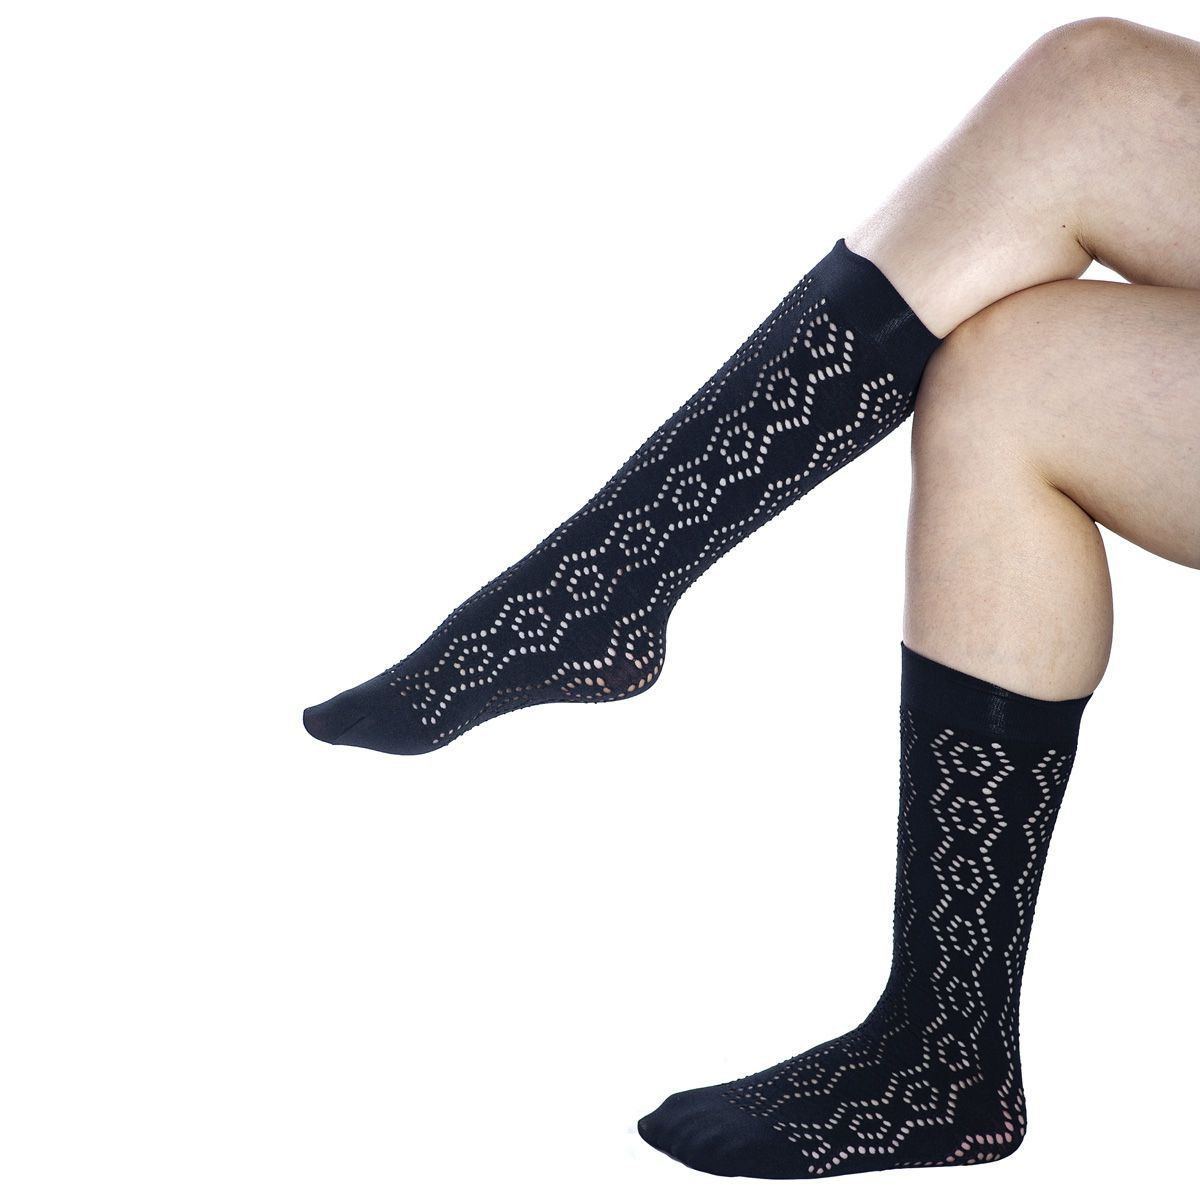 Meia feminina soquete renda preta kit 3 Loba Lupo 5542